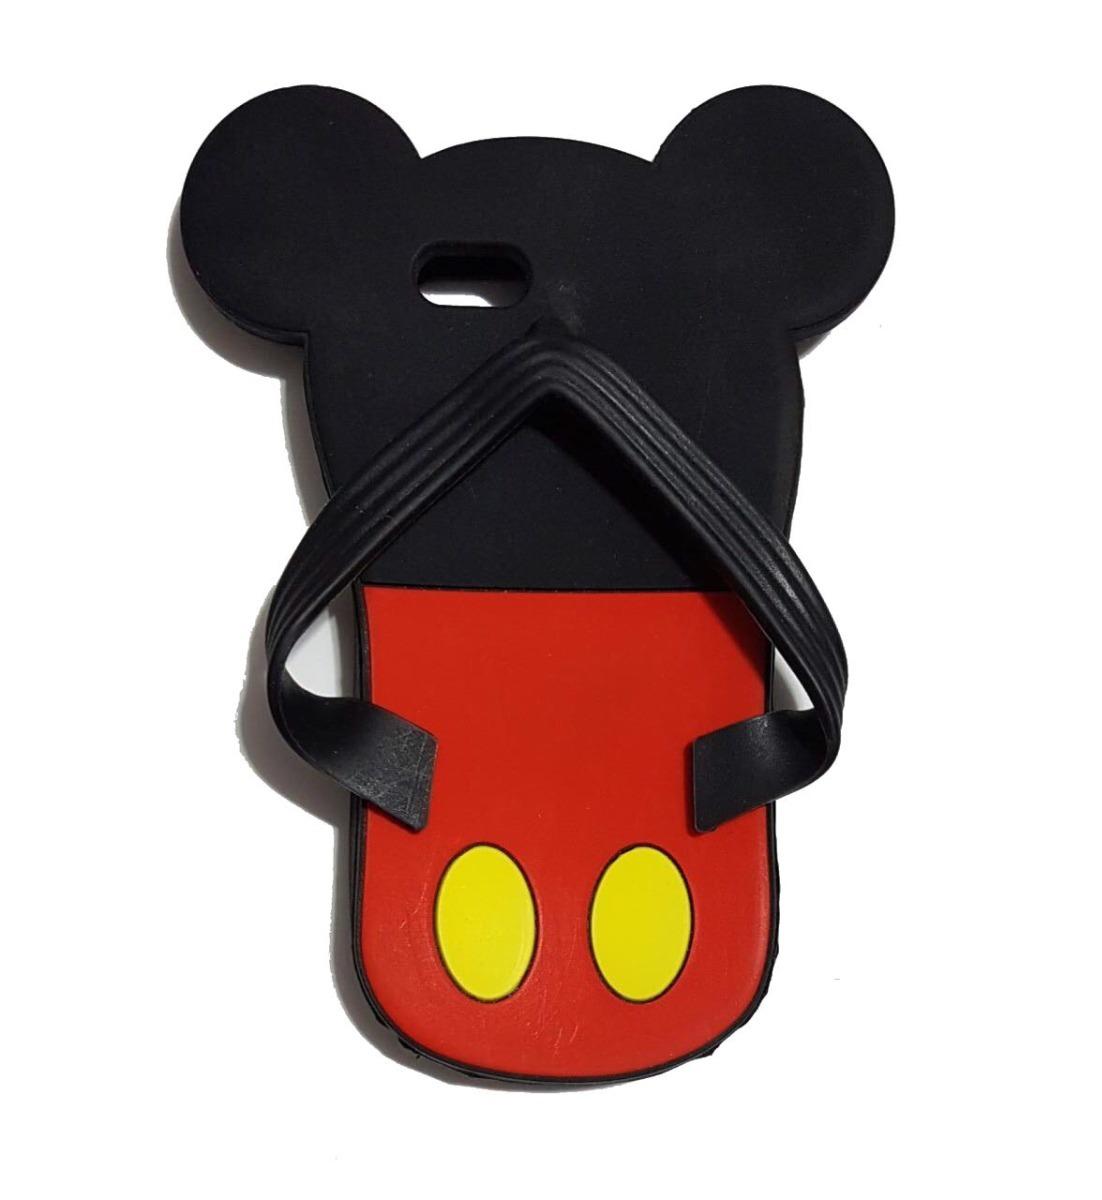 c6cb5e1e512 Funda Silicona Diseño Mickey iPhone 5 / 5s / 5g - $ 120,00 en ...